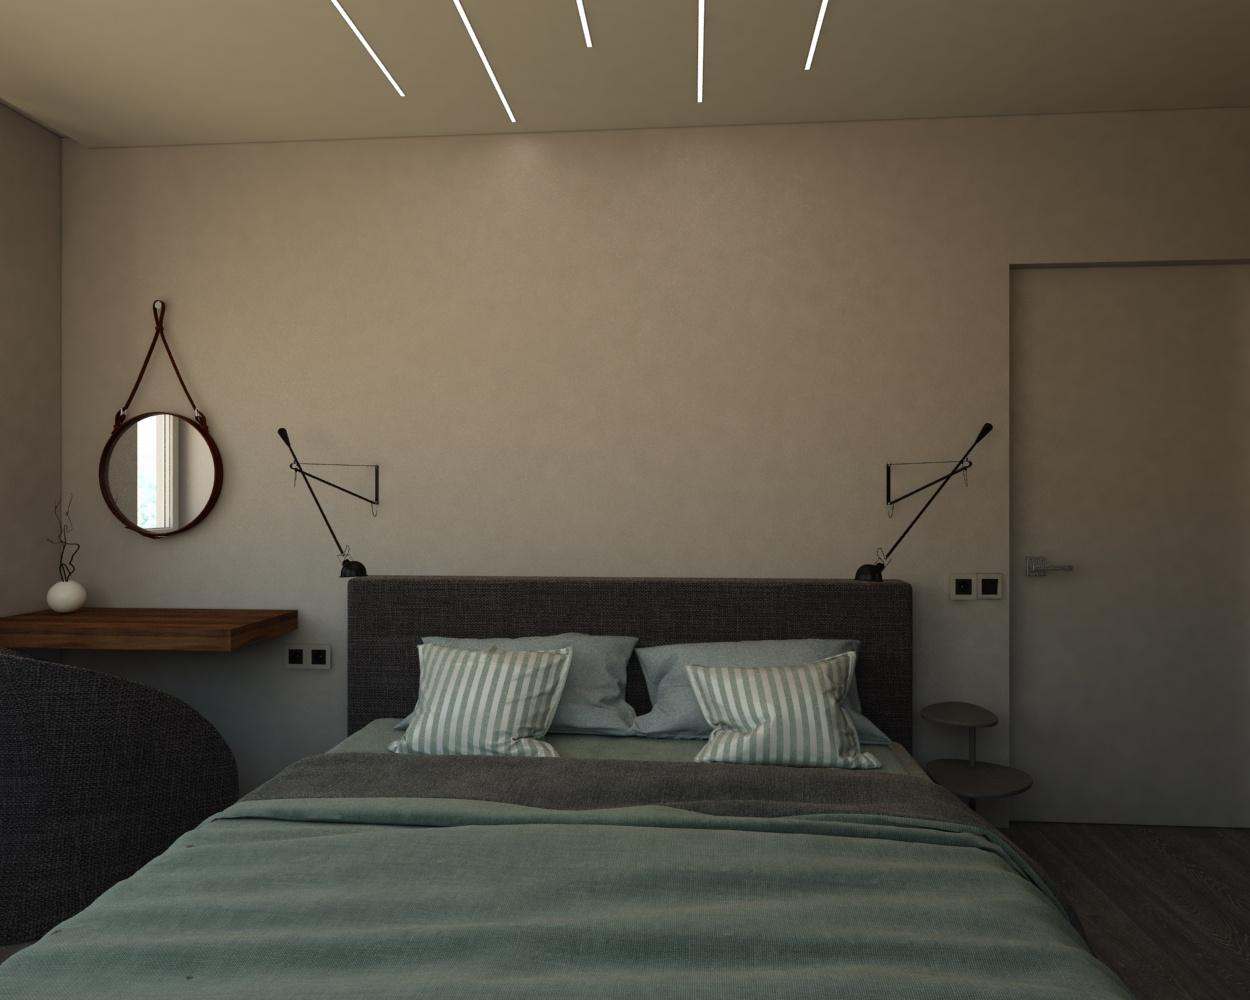 Уютная современная спальня (дверь без наличника и современное освещение)